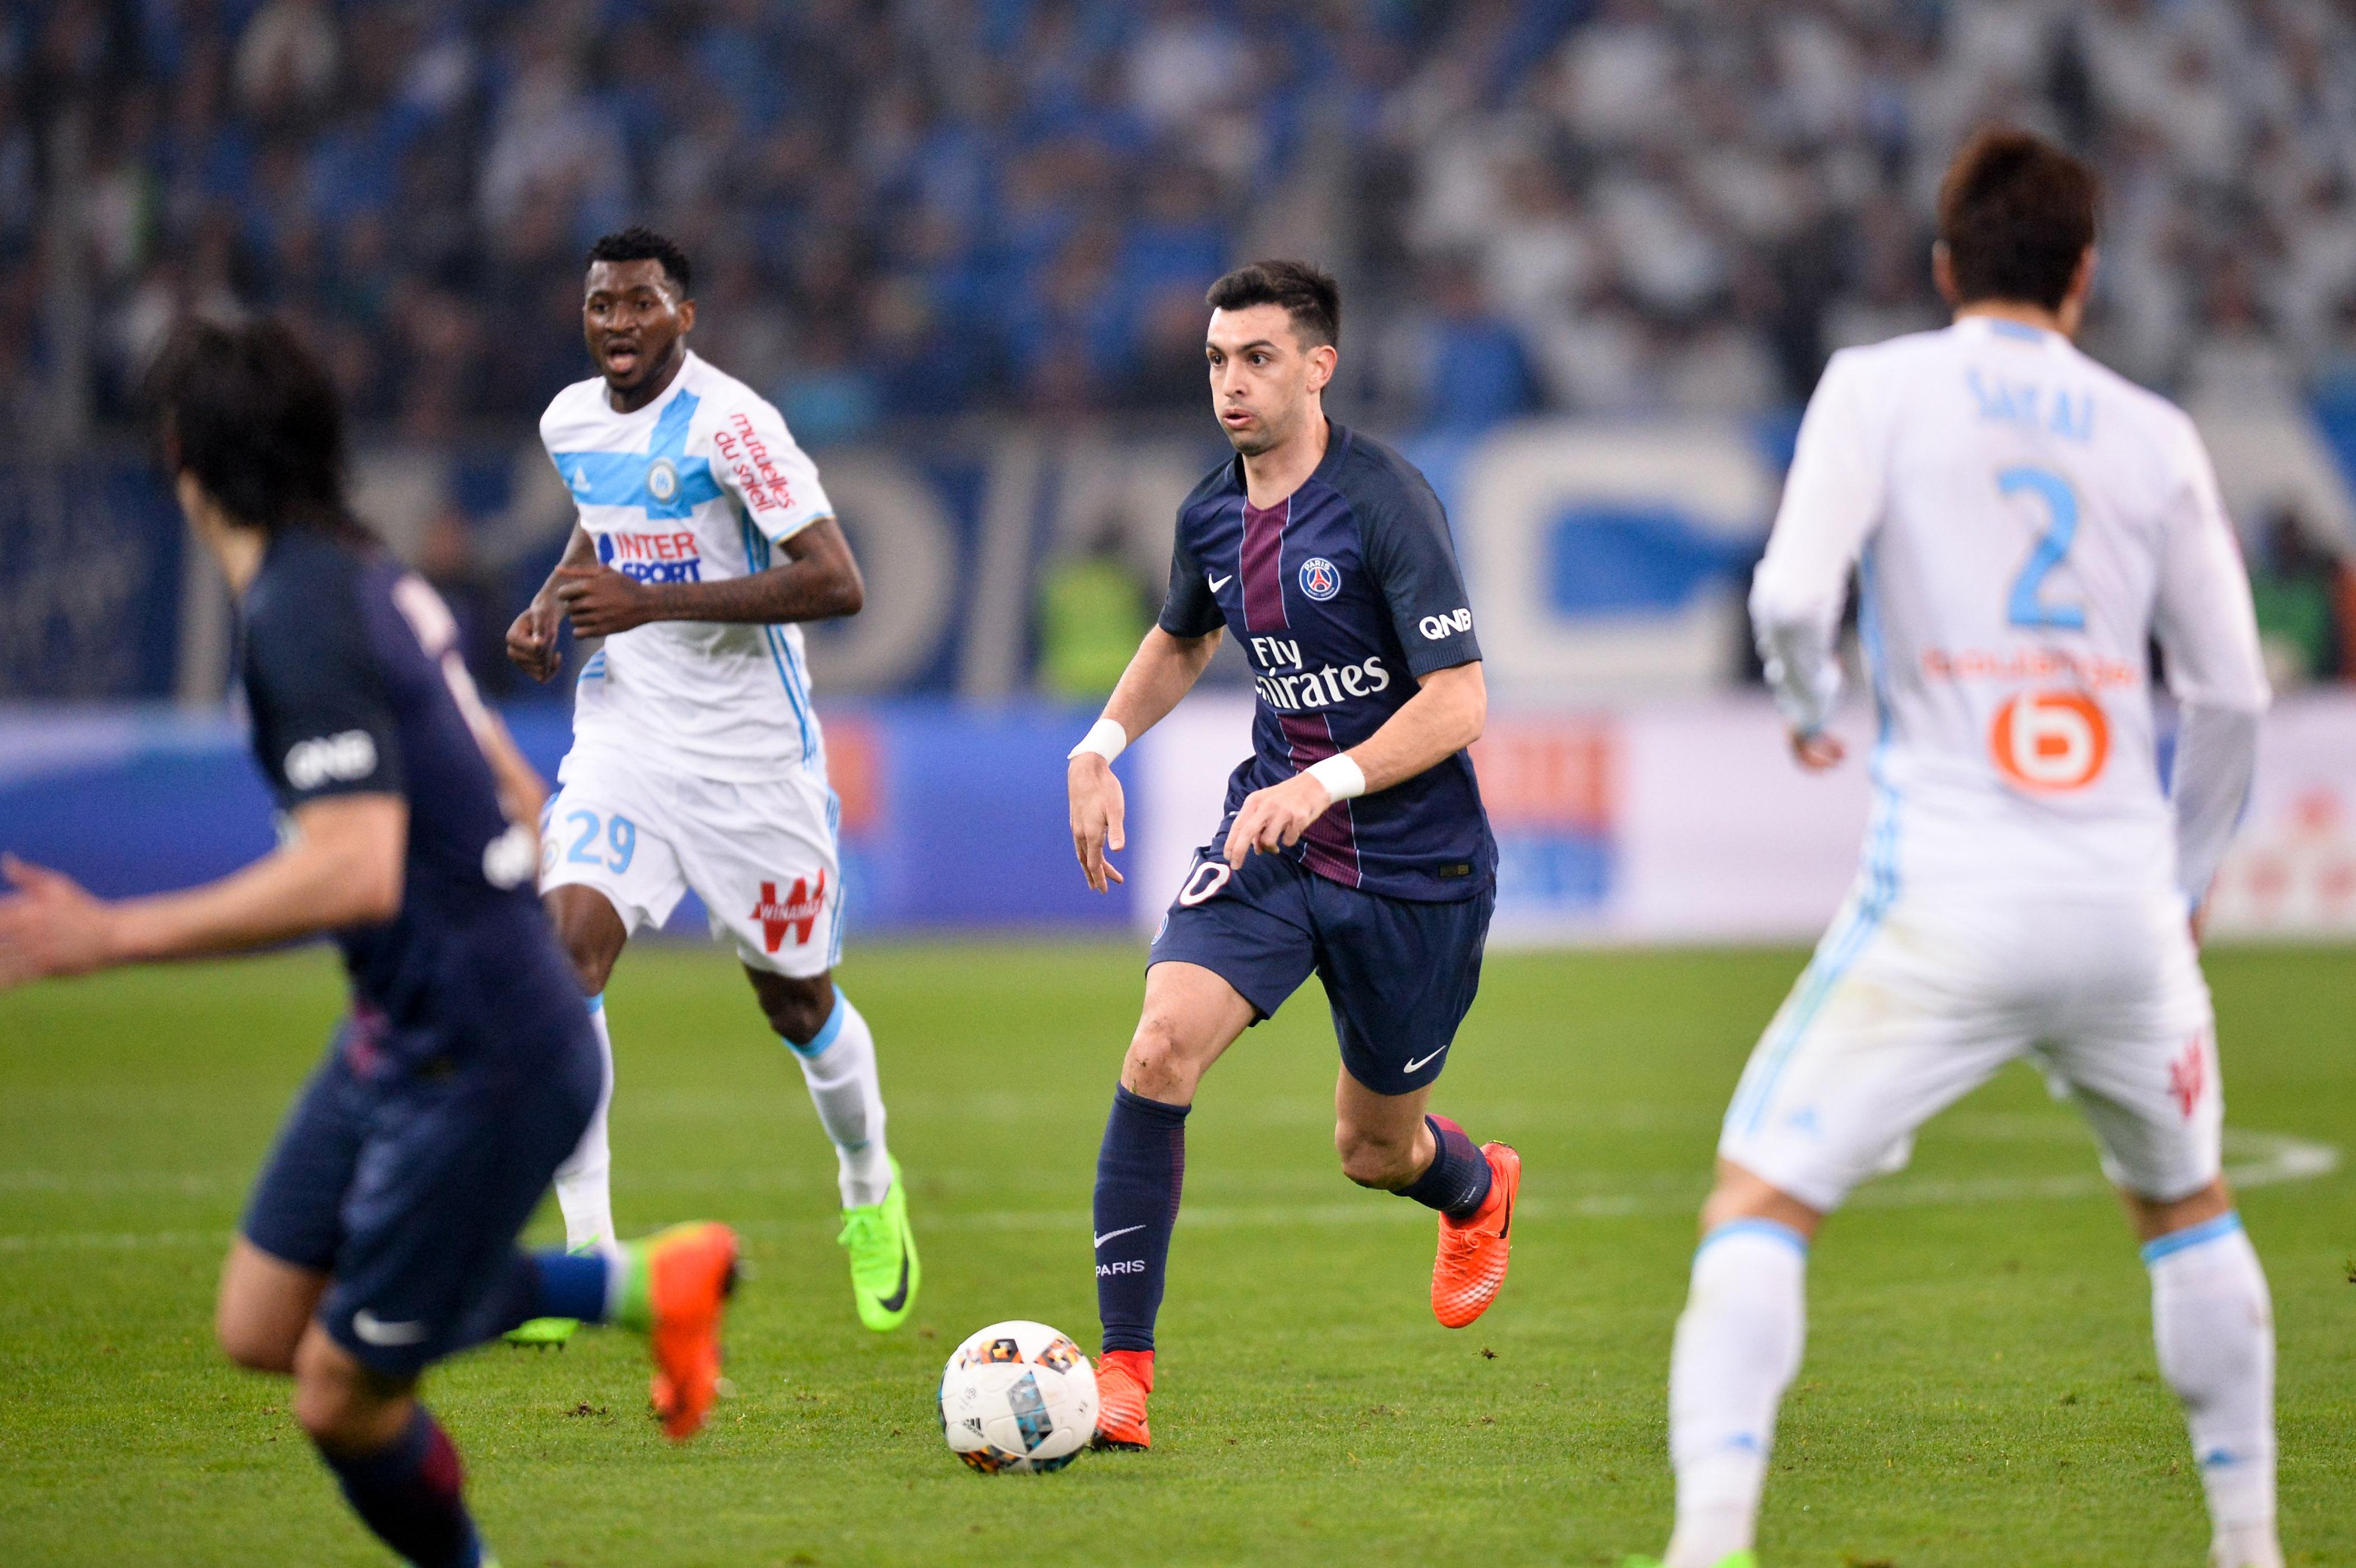 Football - Ligue 1 - OM-PSG,  les notes des Parisiens : Pastore et Thiago Silva majestueux